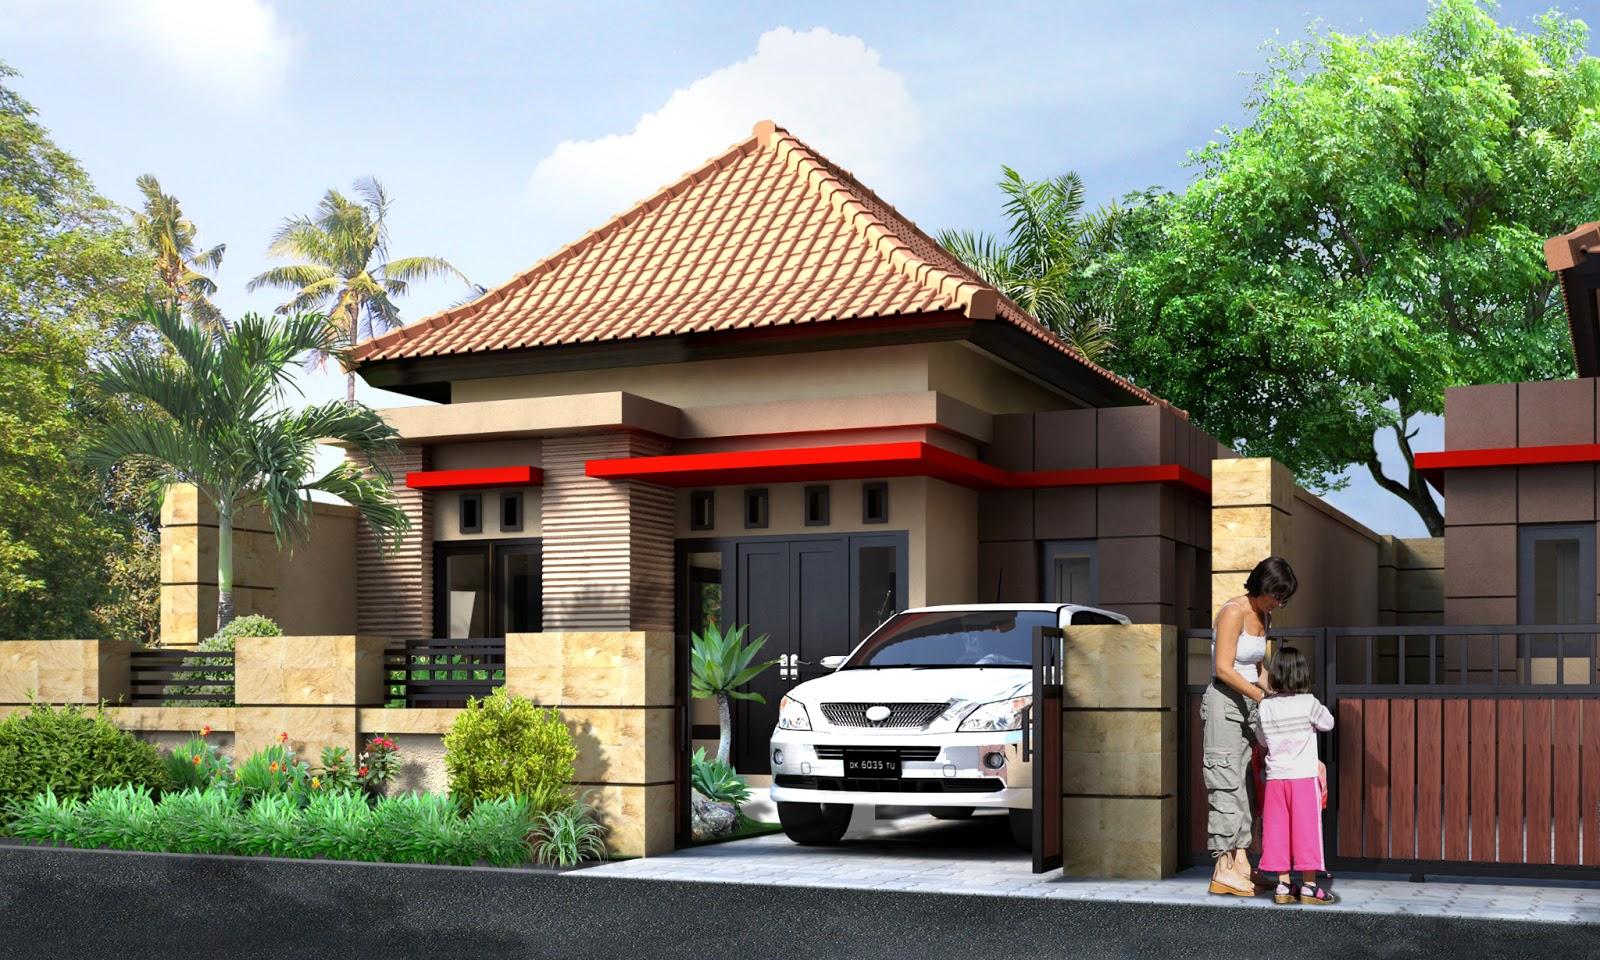 67 Desain Rumah Minimalis Style Bali Desain Rumah